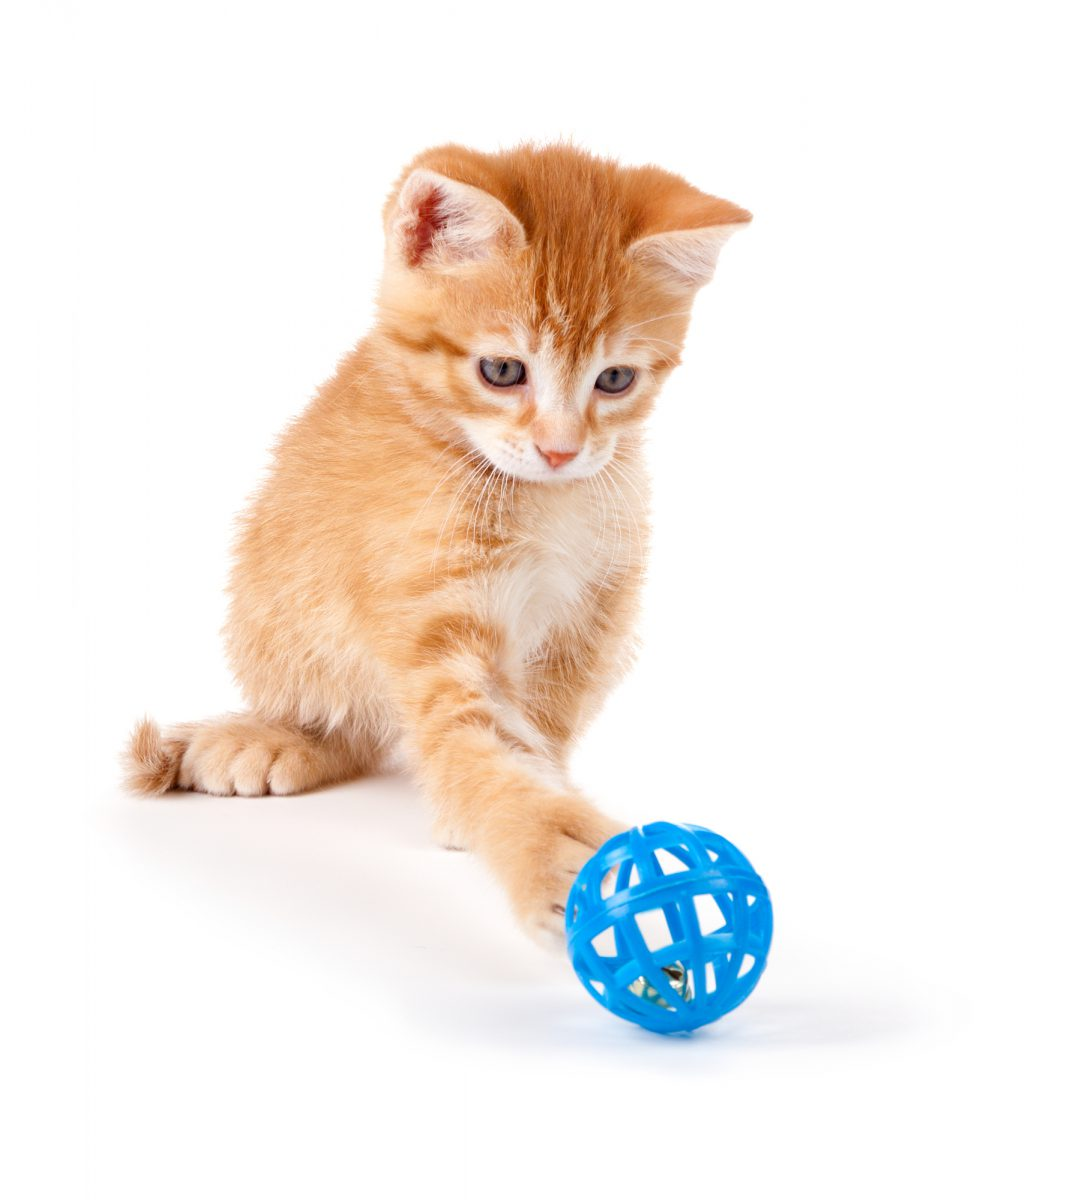 Zabawa z kotem powinna odbywać się kilka razy dziennie.